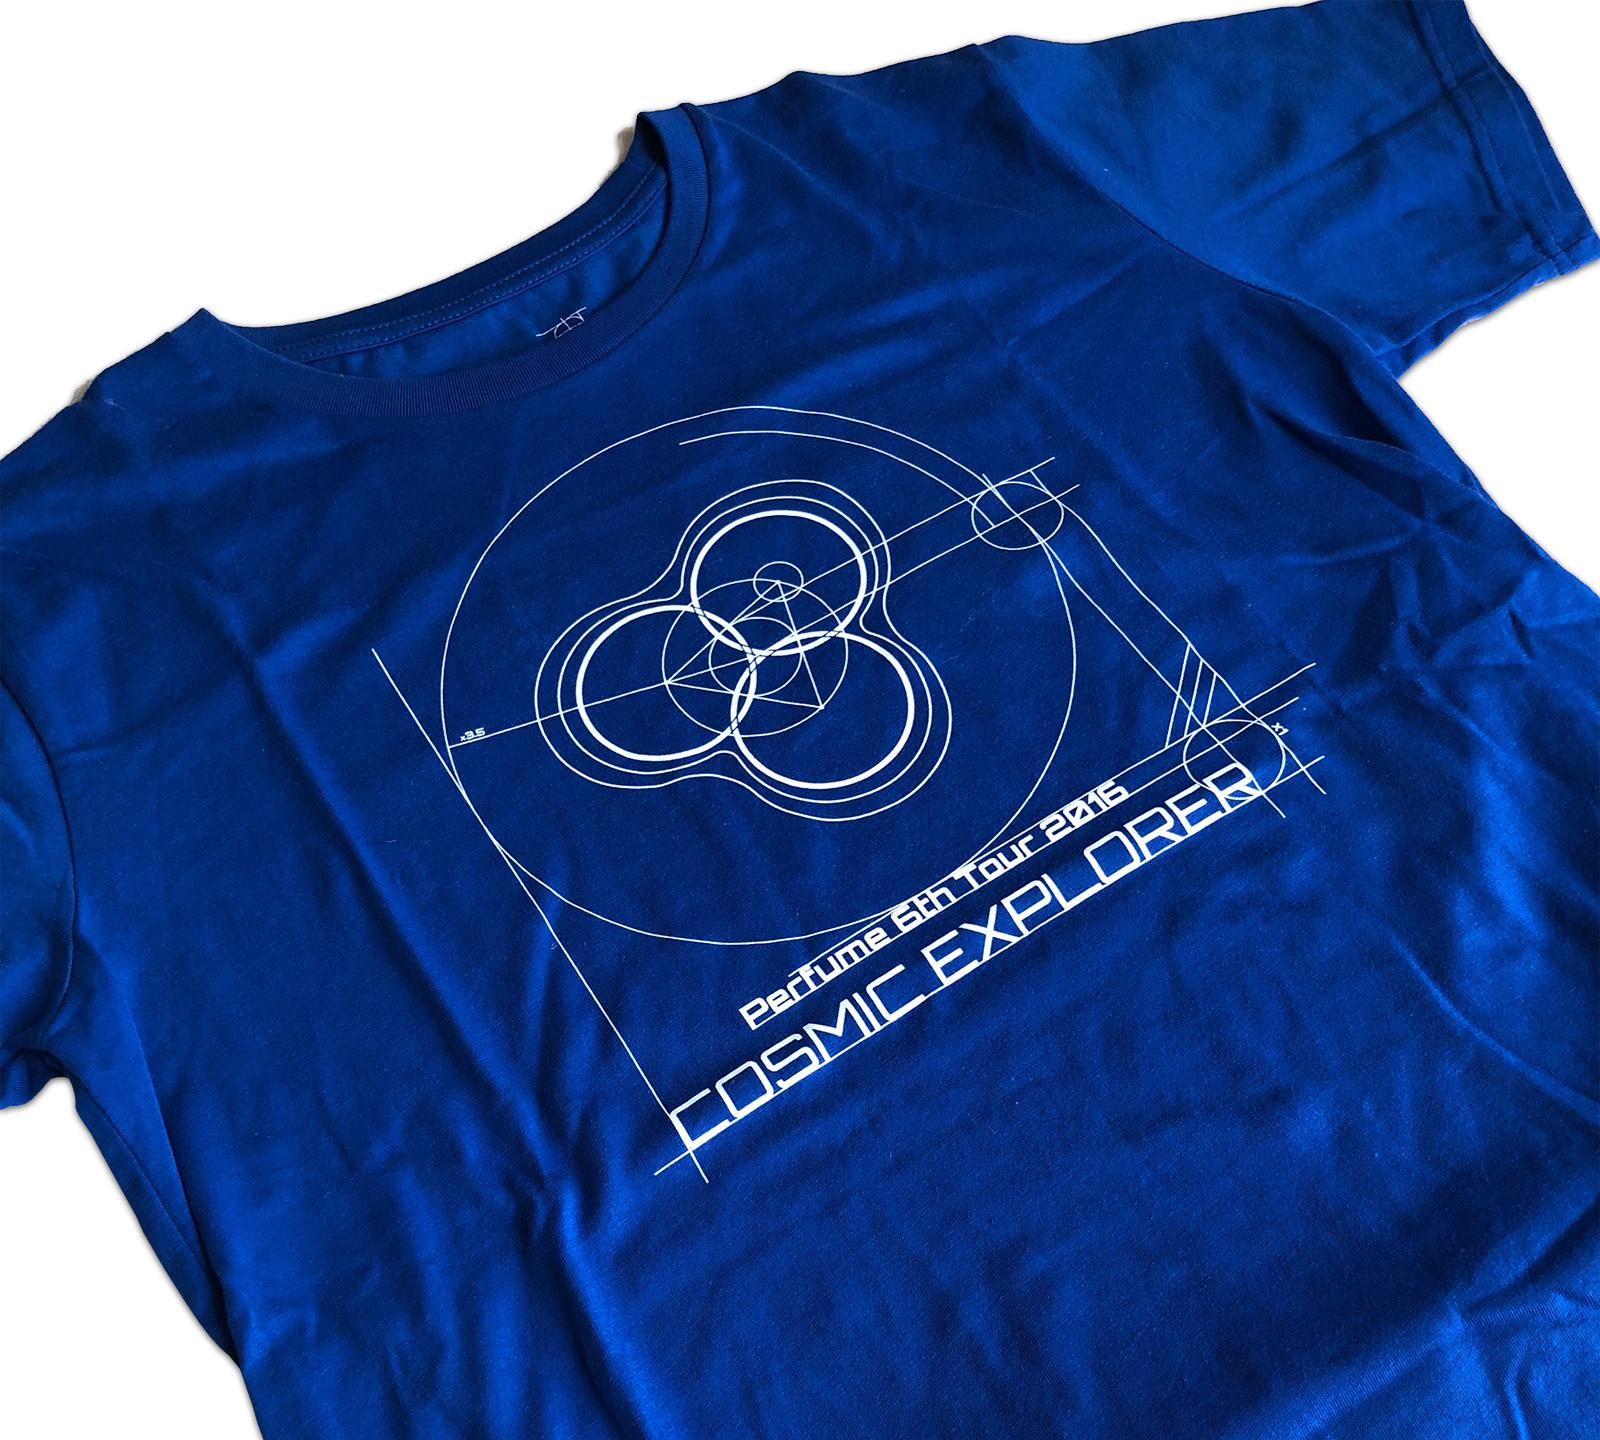 ce_t_shirt.jpg#asset:231